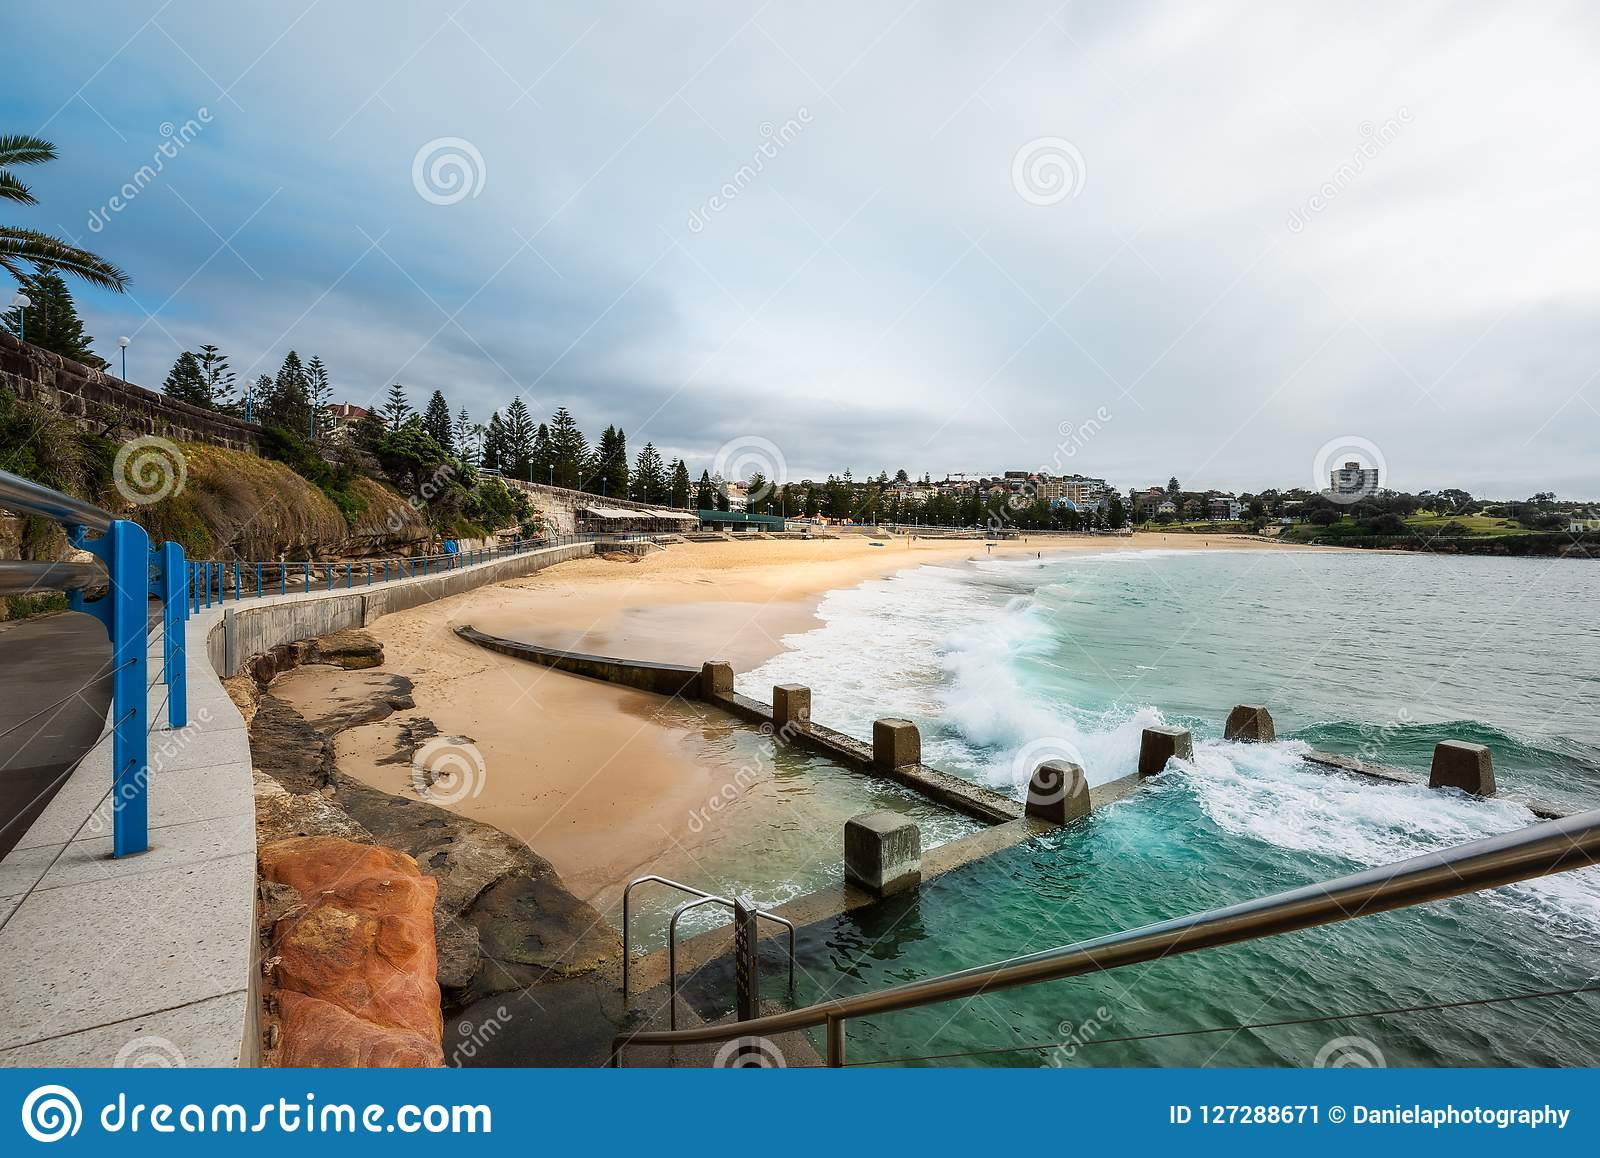 Tidal Pools at Coogee Beach, Sydney, Australia.